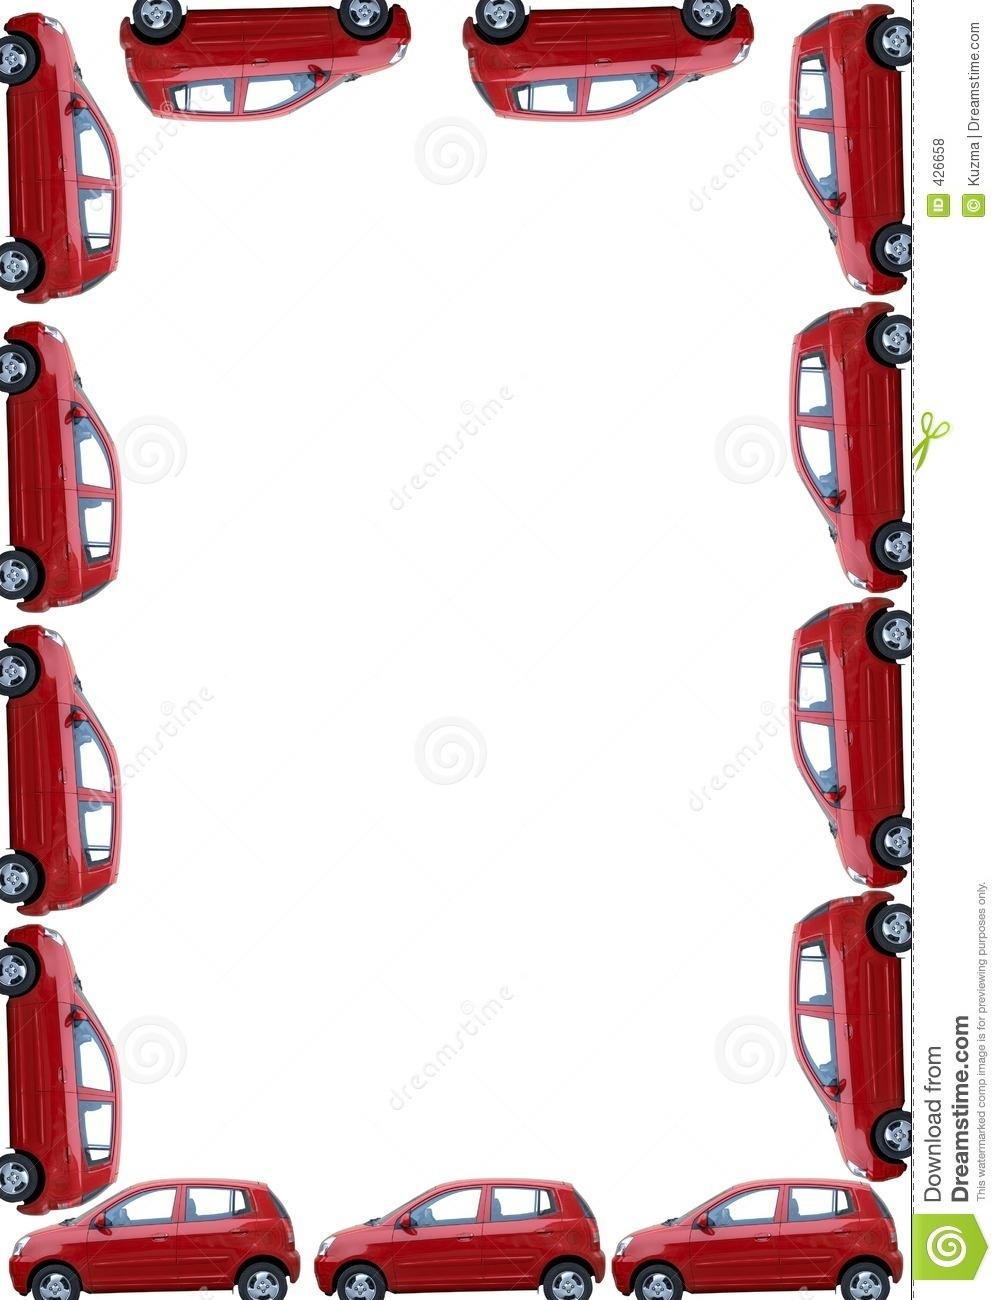 Vehicle clipart border Image: White Isolated 426658 Border